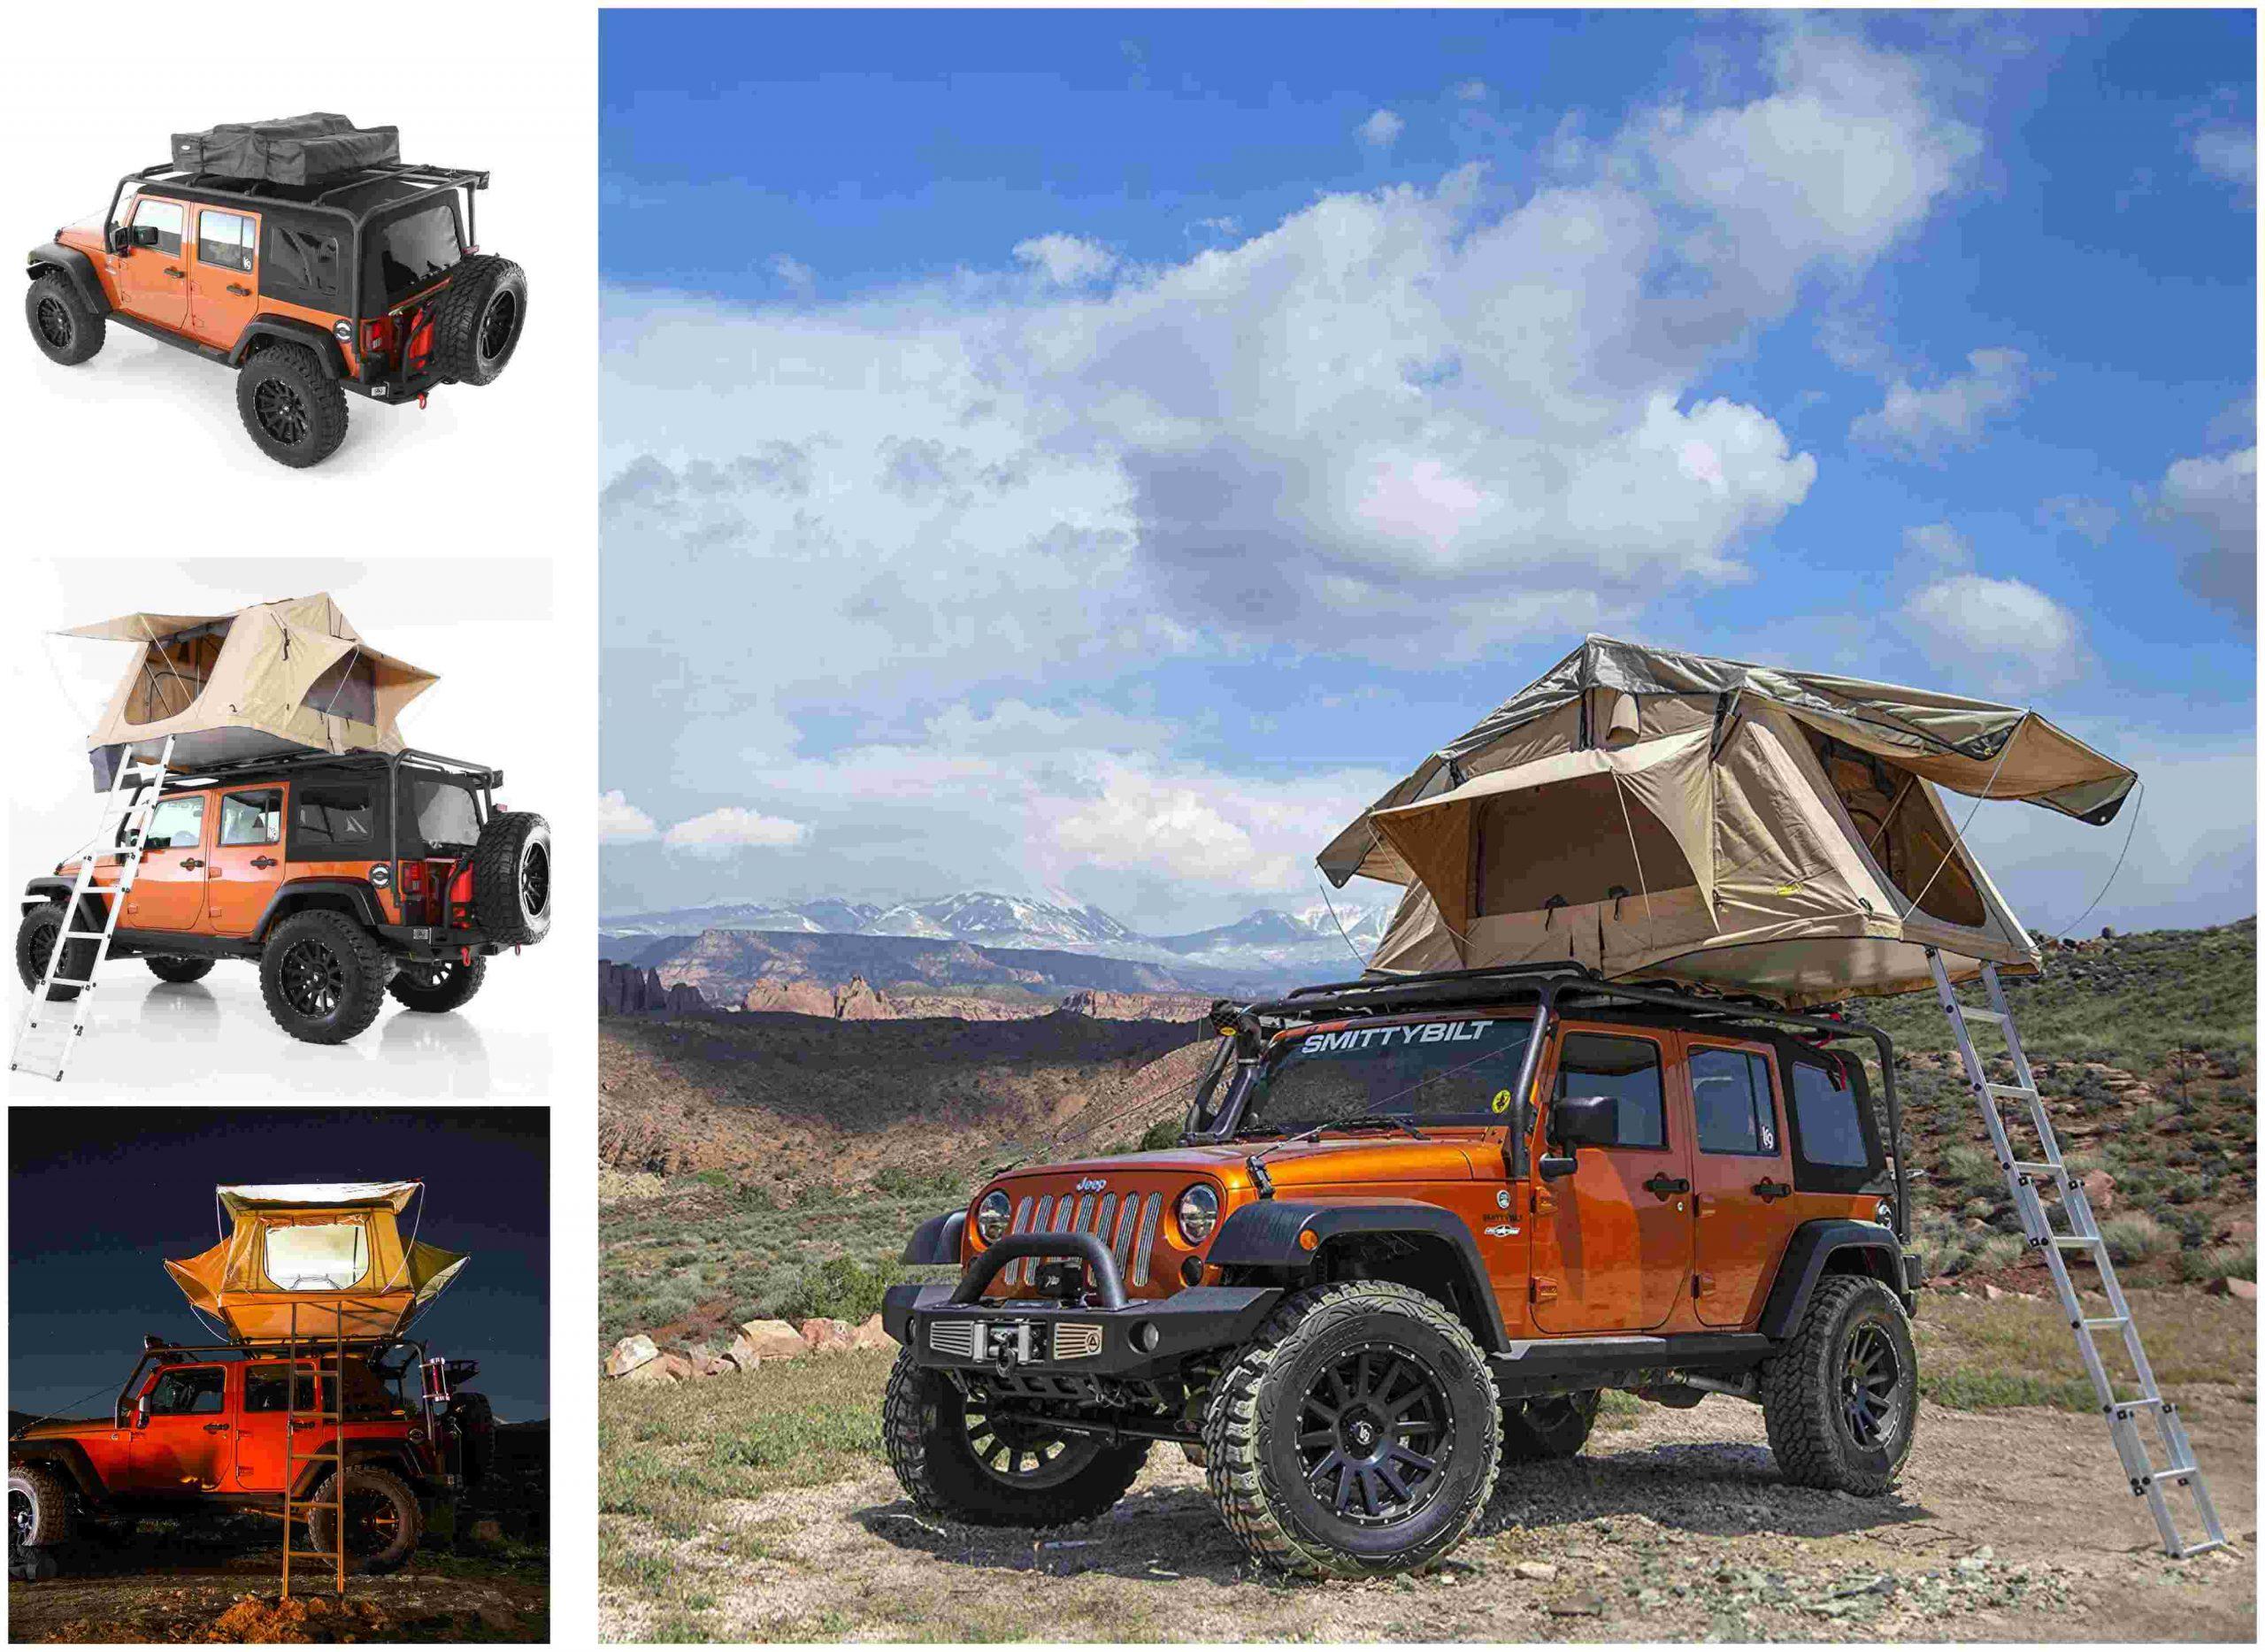 las-mejores-tiendas-de-campaña-de-techo-de-coche-para-glamping-Overlander-Smittybilt